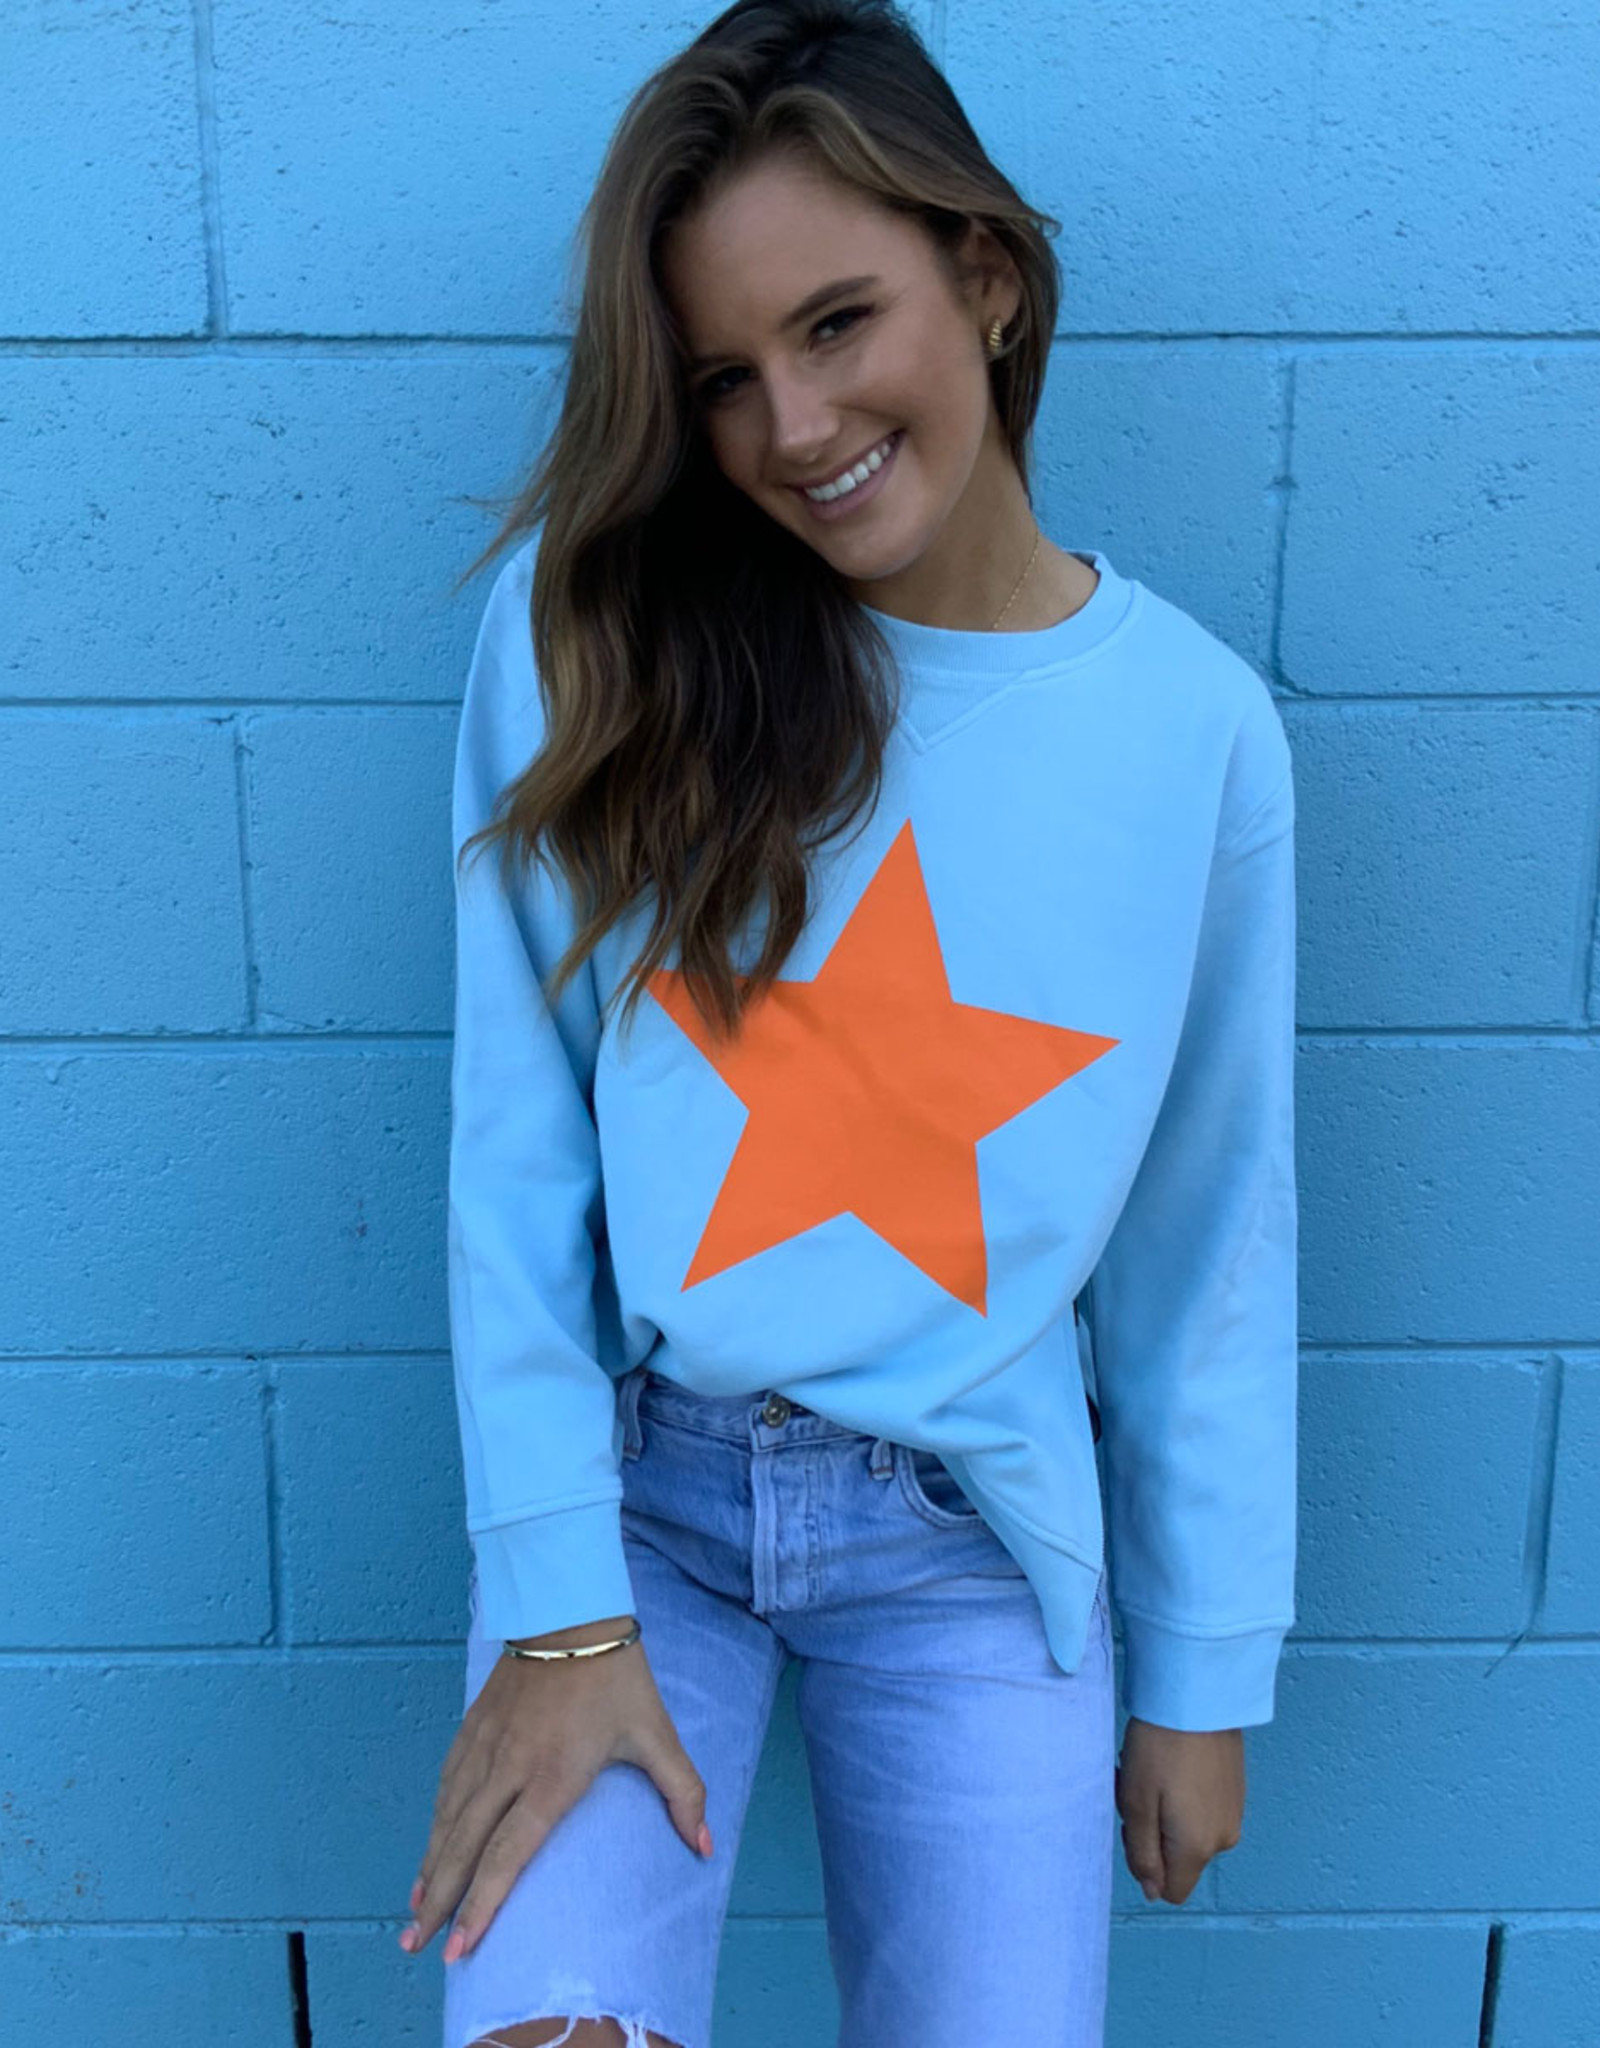 SOPHIE MORAN ZIP STAR SWEATSHIRT BABY BLUE & ORANGE